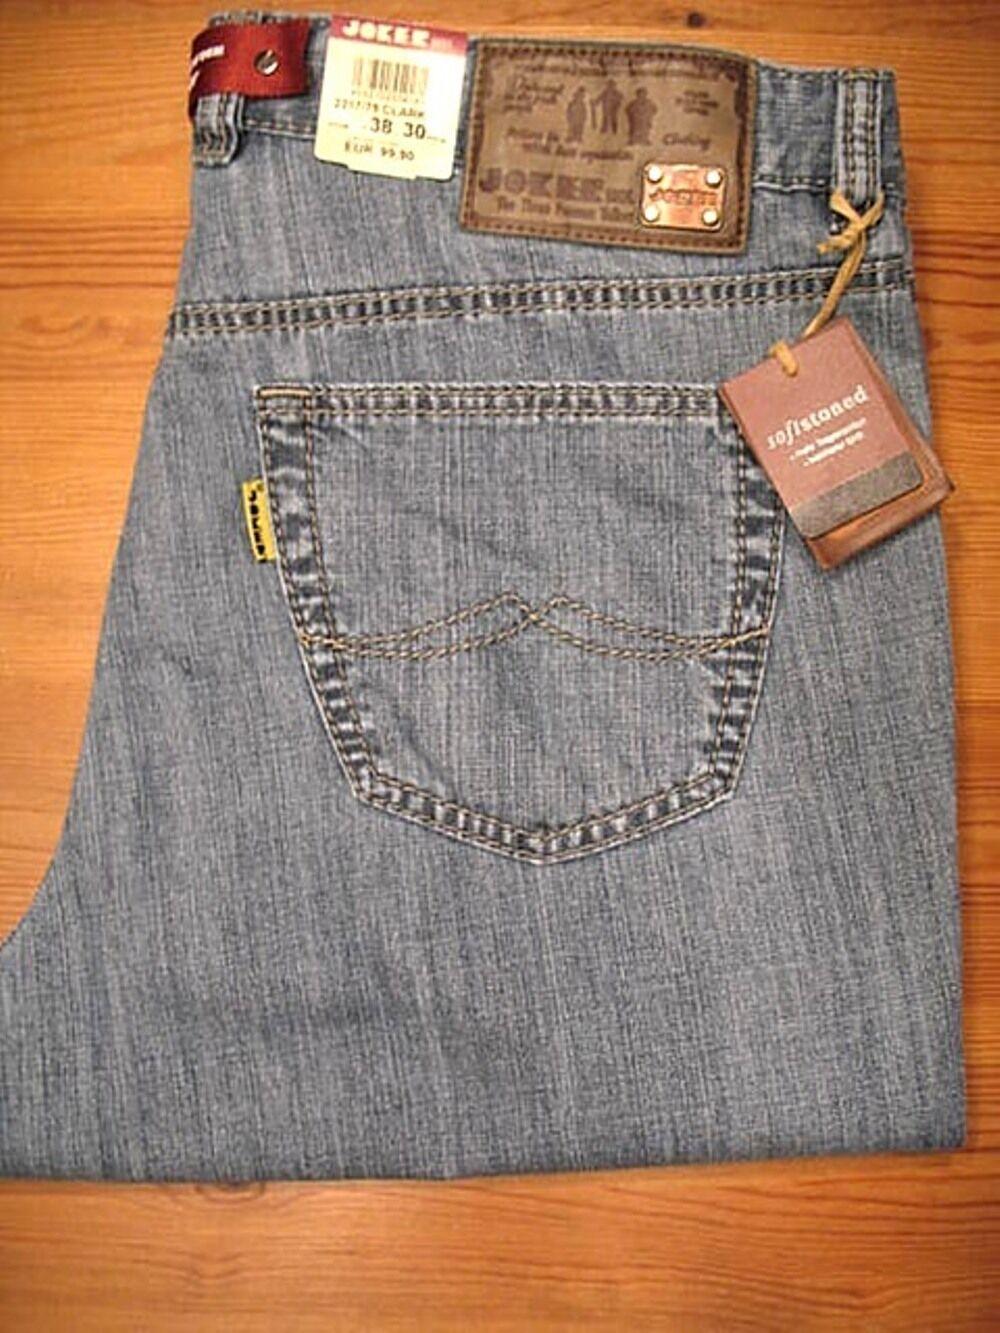 Jeans CLARK 2217 75  (comfort fit) clásico celeste JOKER hombres  al precio mas bajo